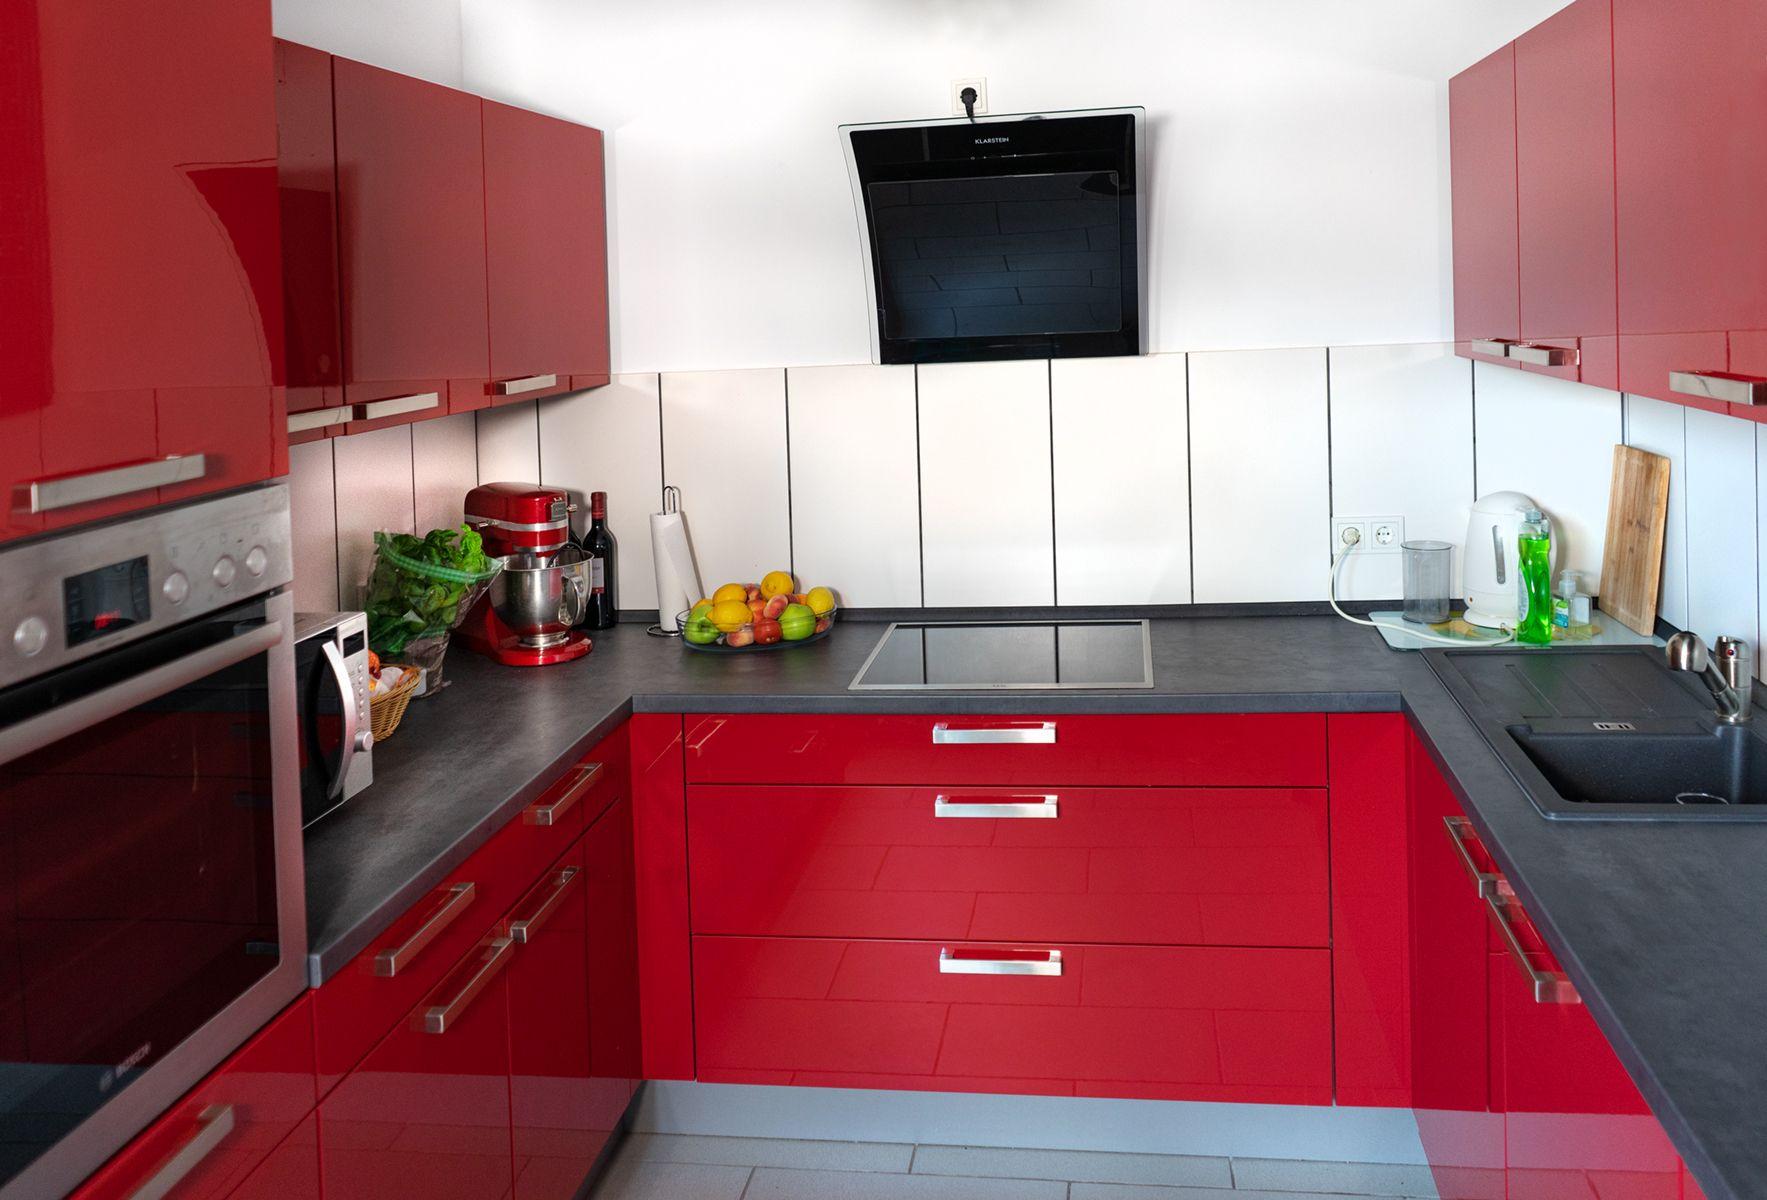 Pin von Nadja auf Zimmer in 2020 Küche, Rote küche